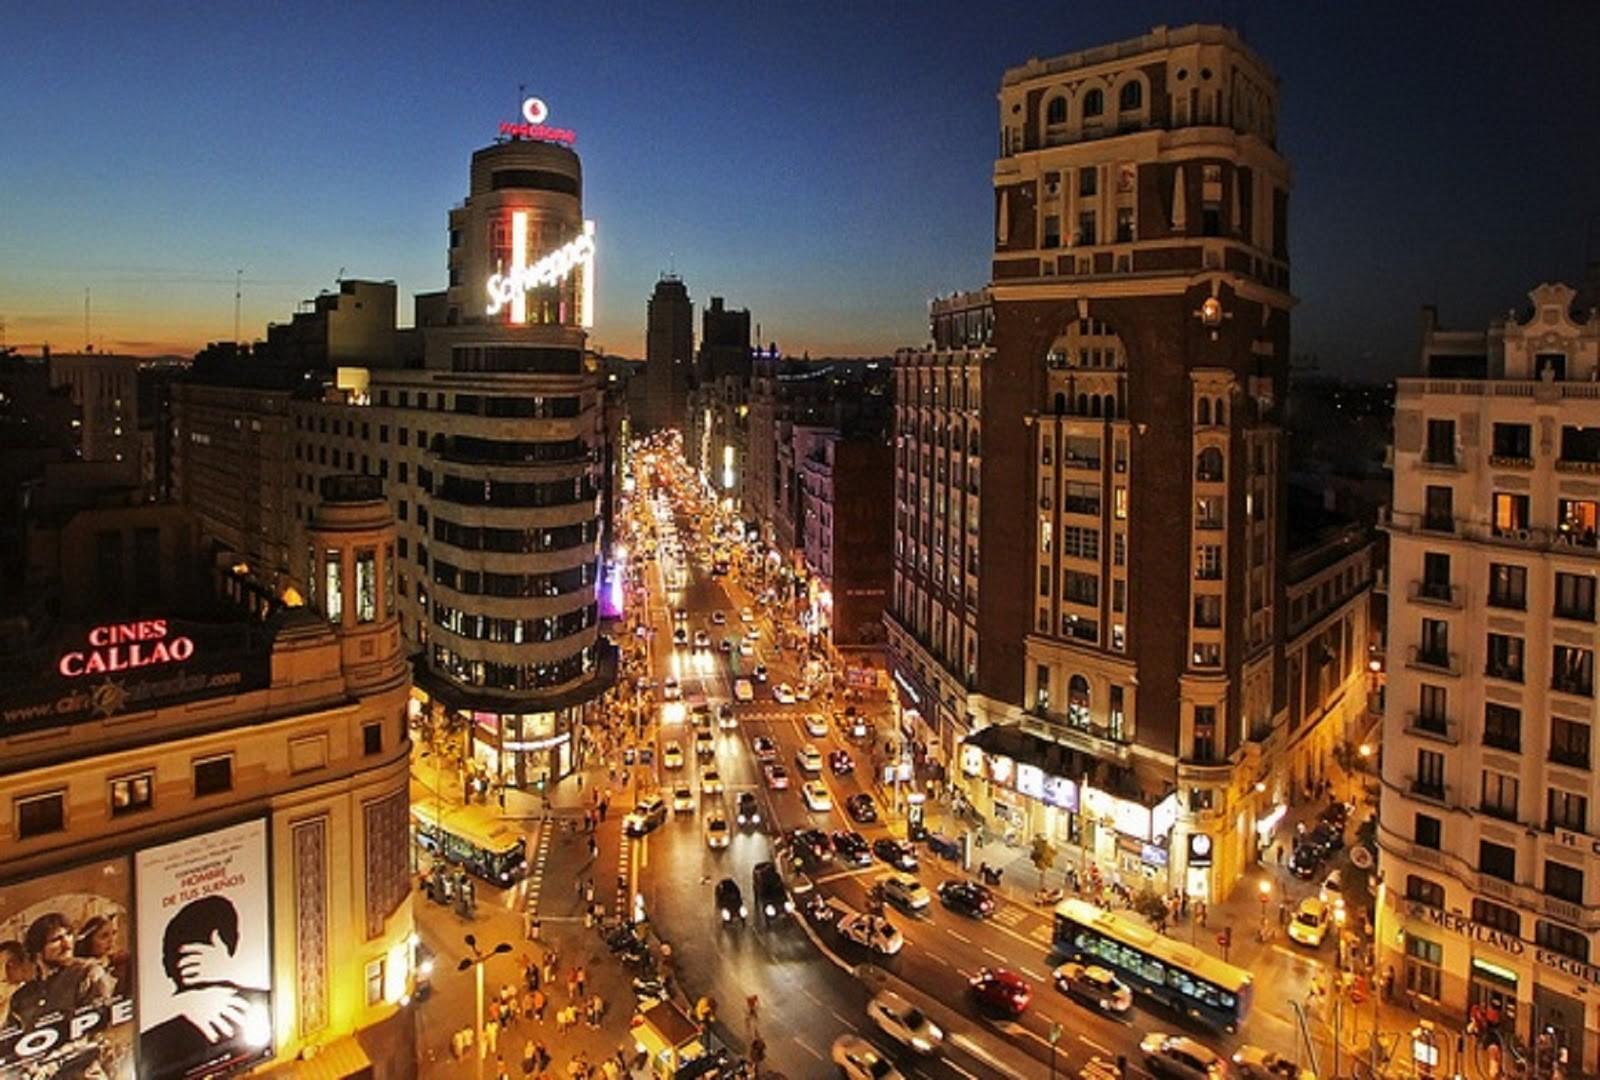 Doświadczenie w Madrycie, Hiszpania według Lidii